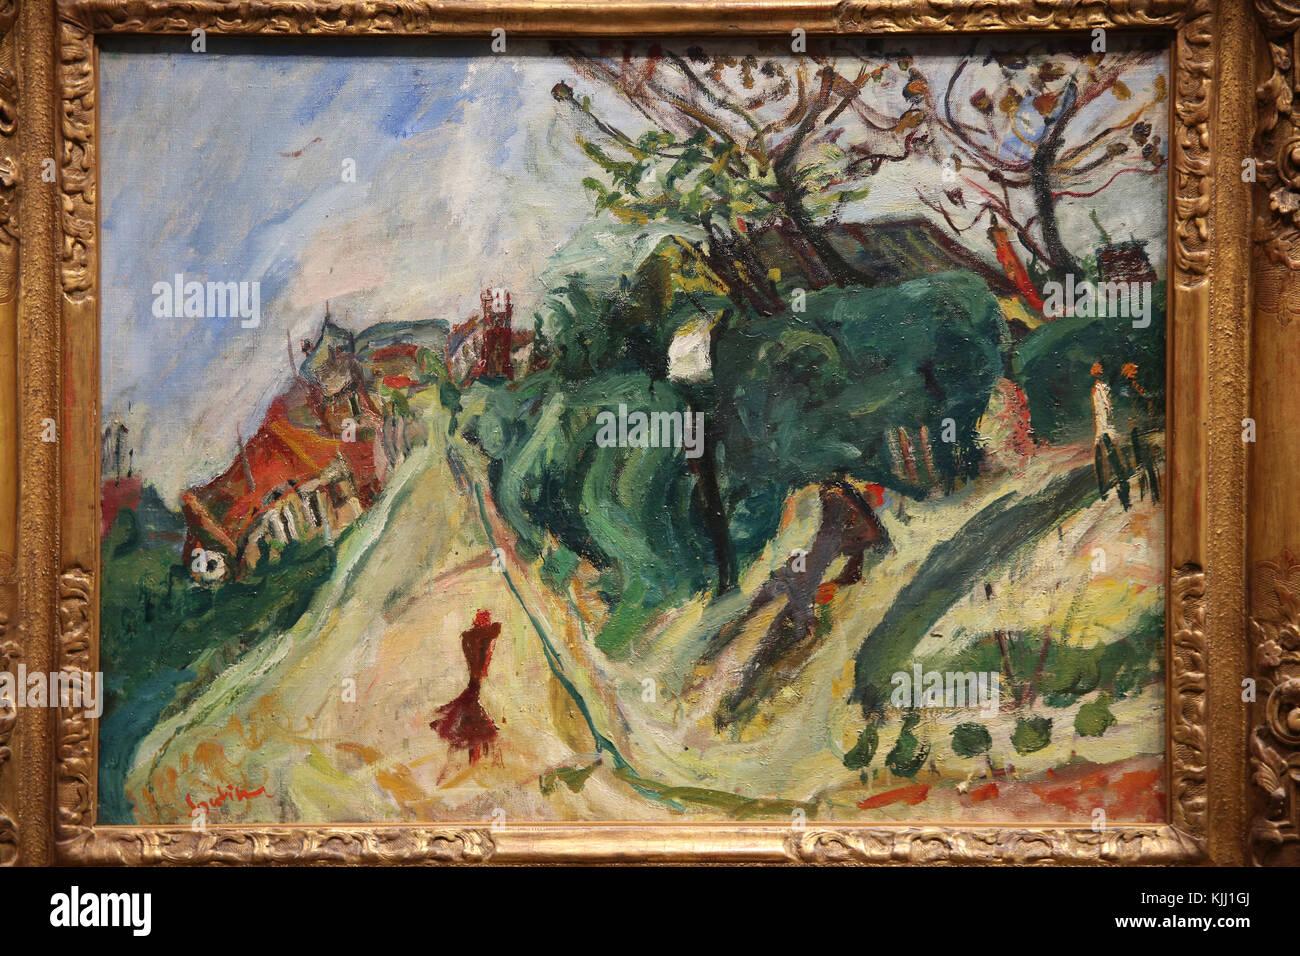 MusŽe de l'Orangerie, Paris. Cha•m Soutine, Paysage avec personnage, vers 1918-1919. Huile sur toile. France. - Stock Image